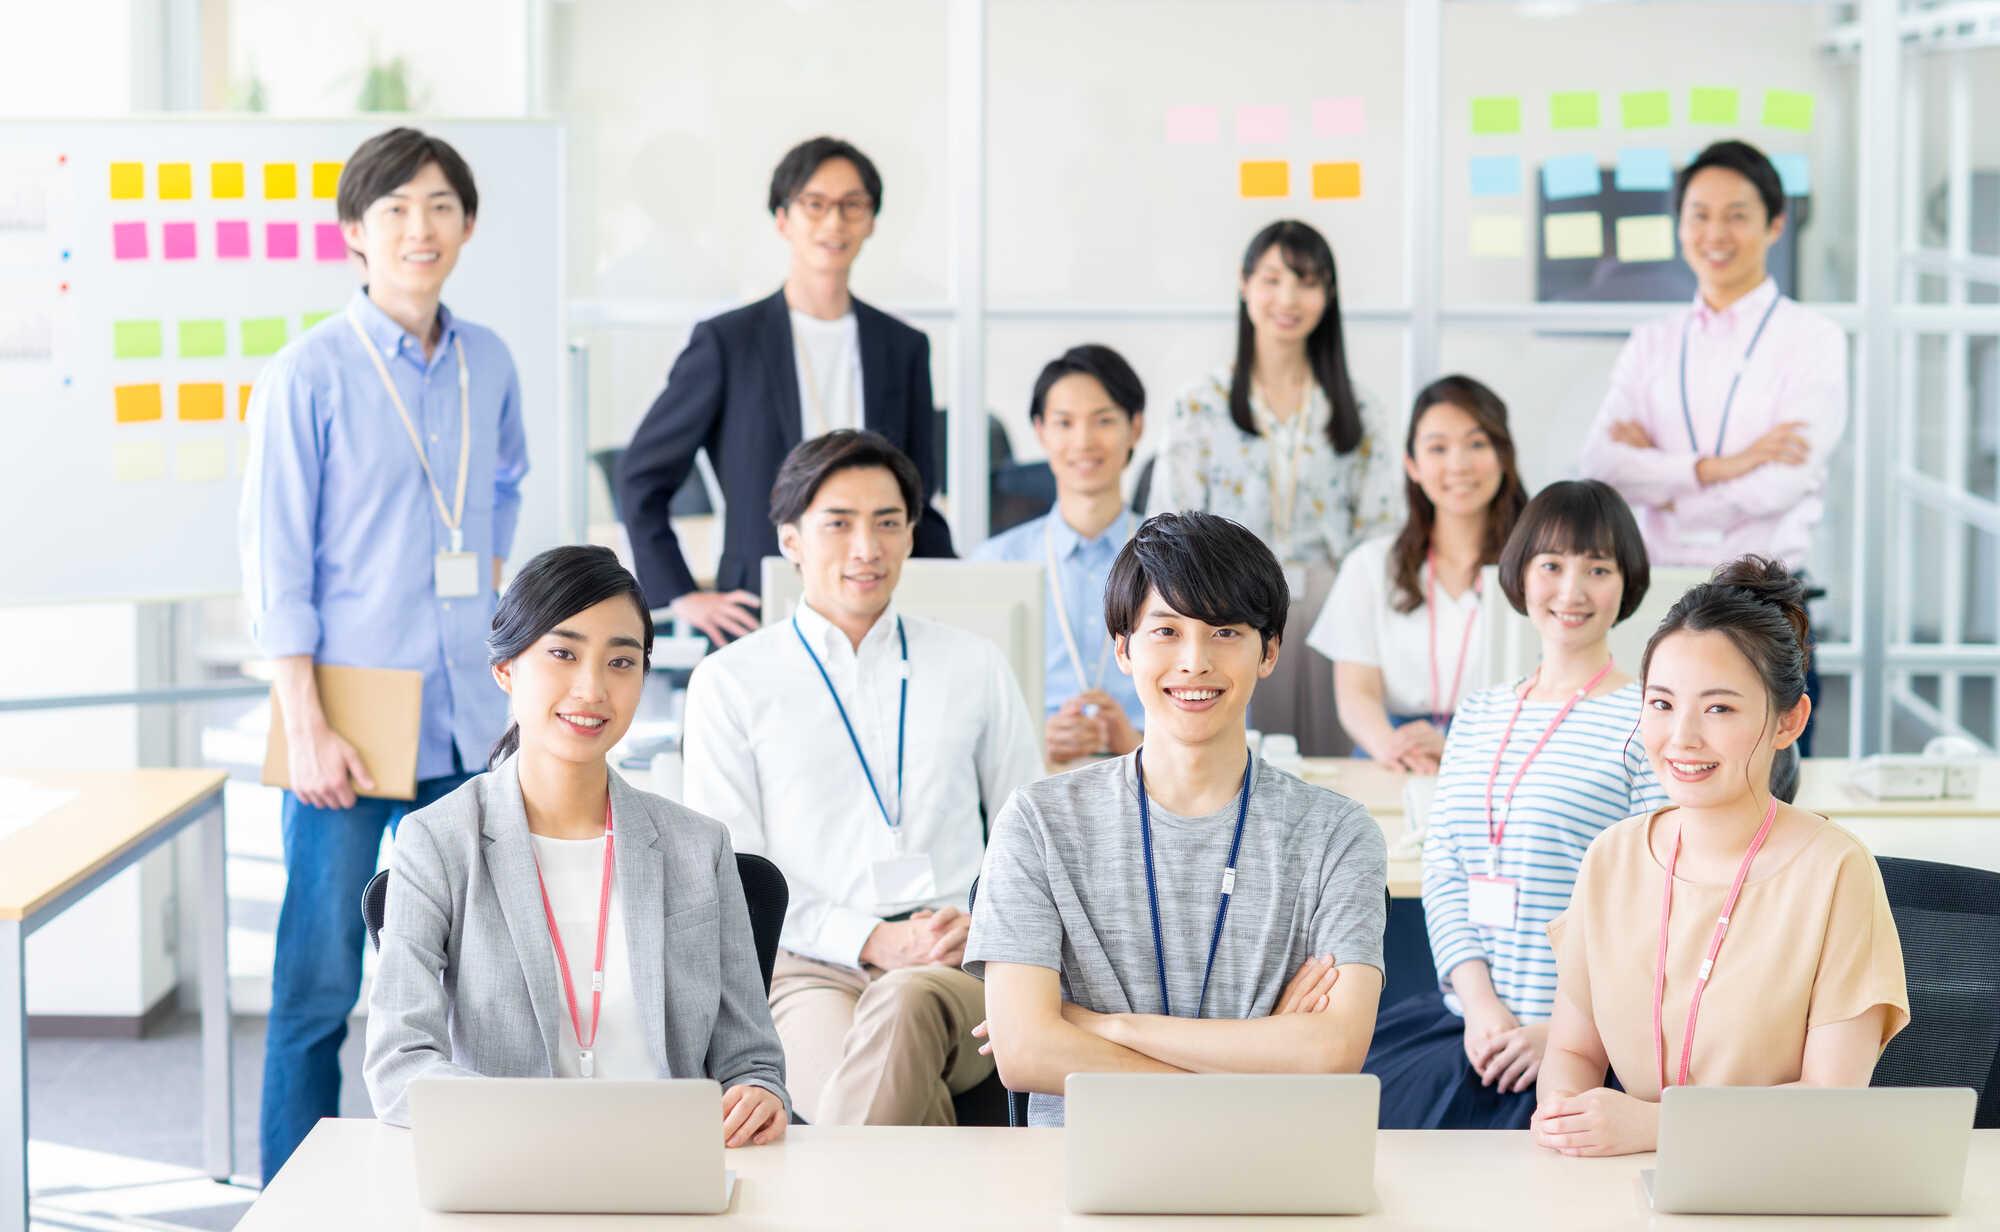 オーナーシップが育まれ主体的に仕事に取り組む社員が増える効果とメリット